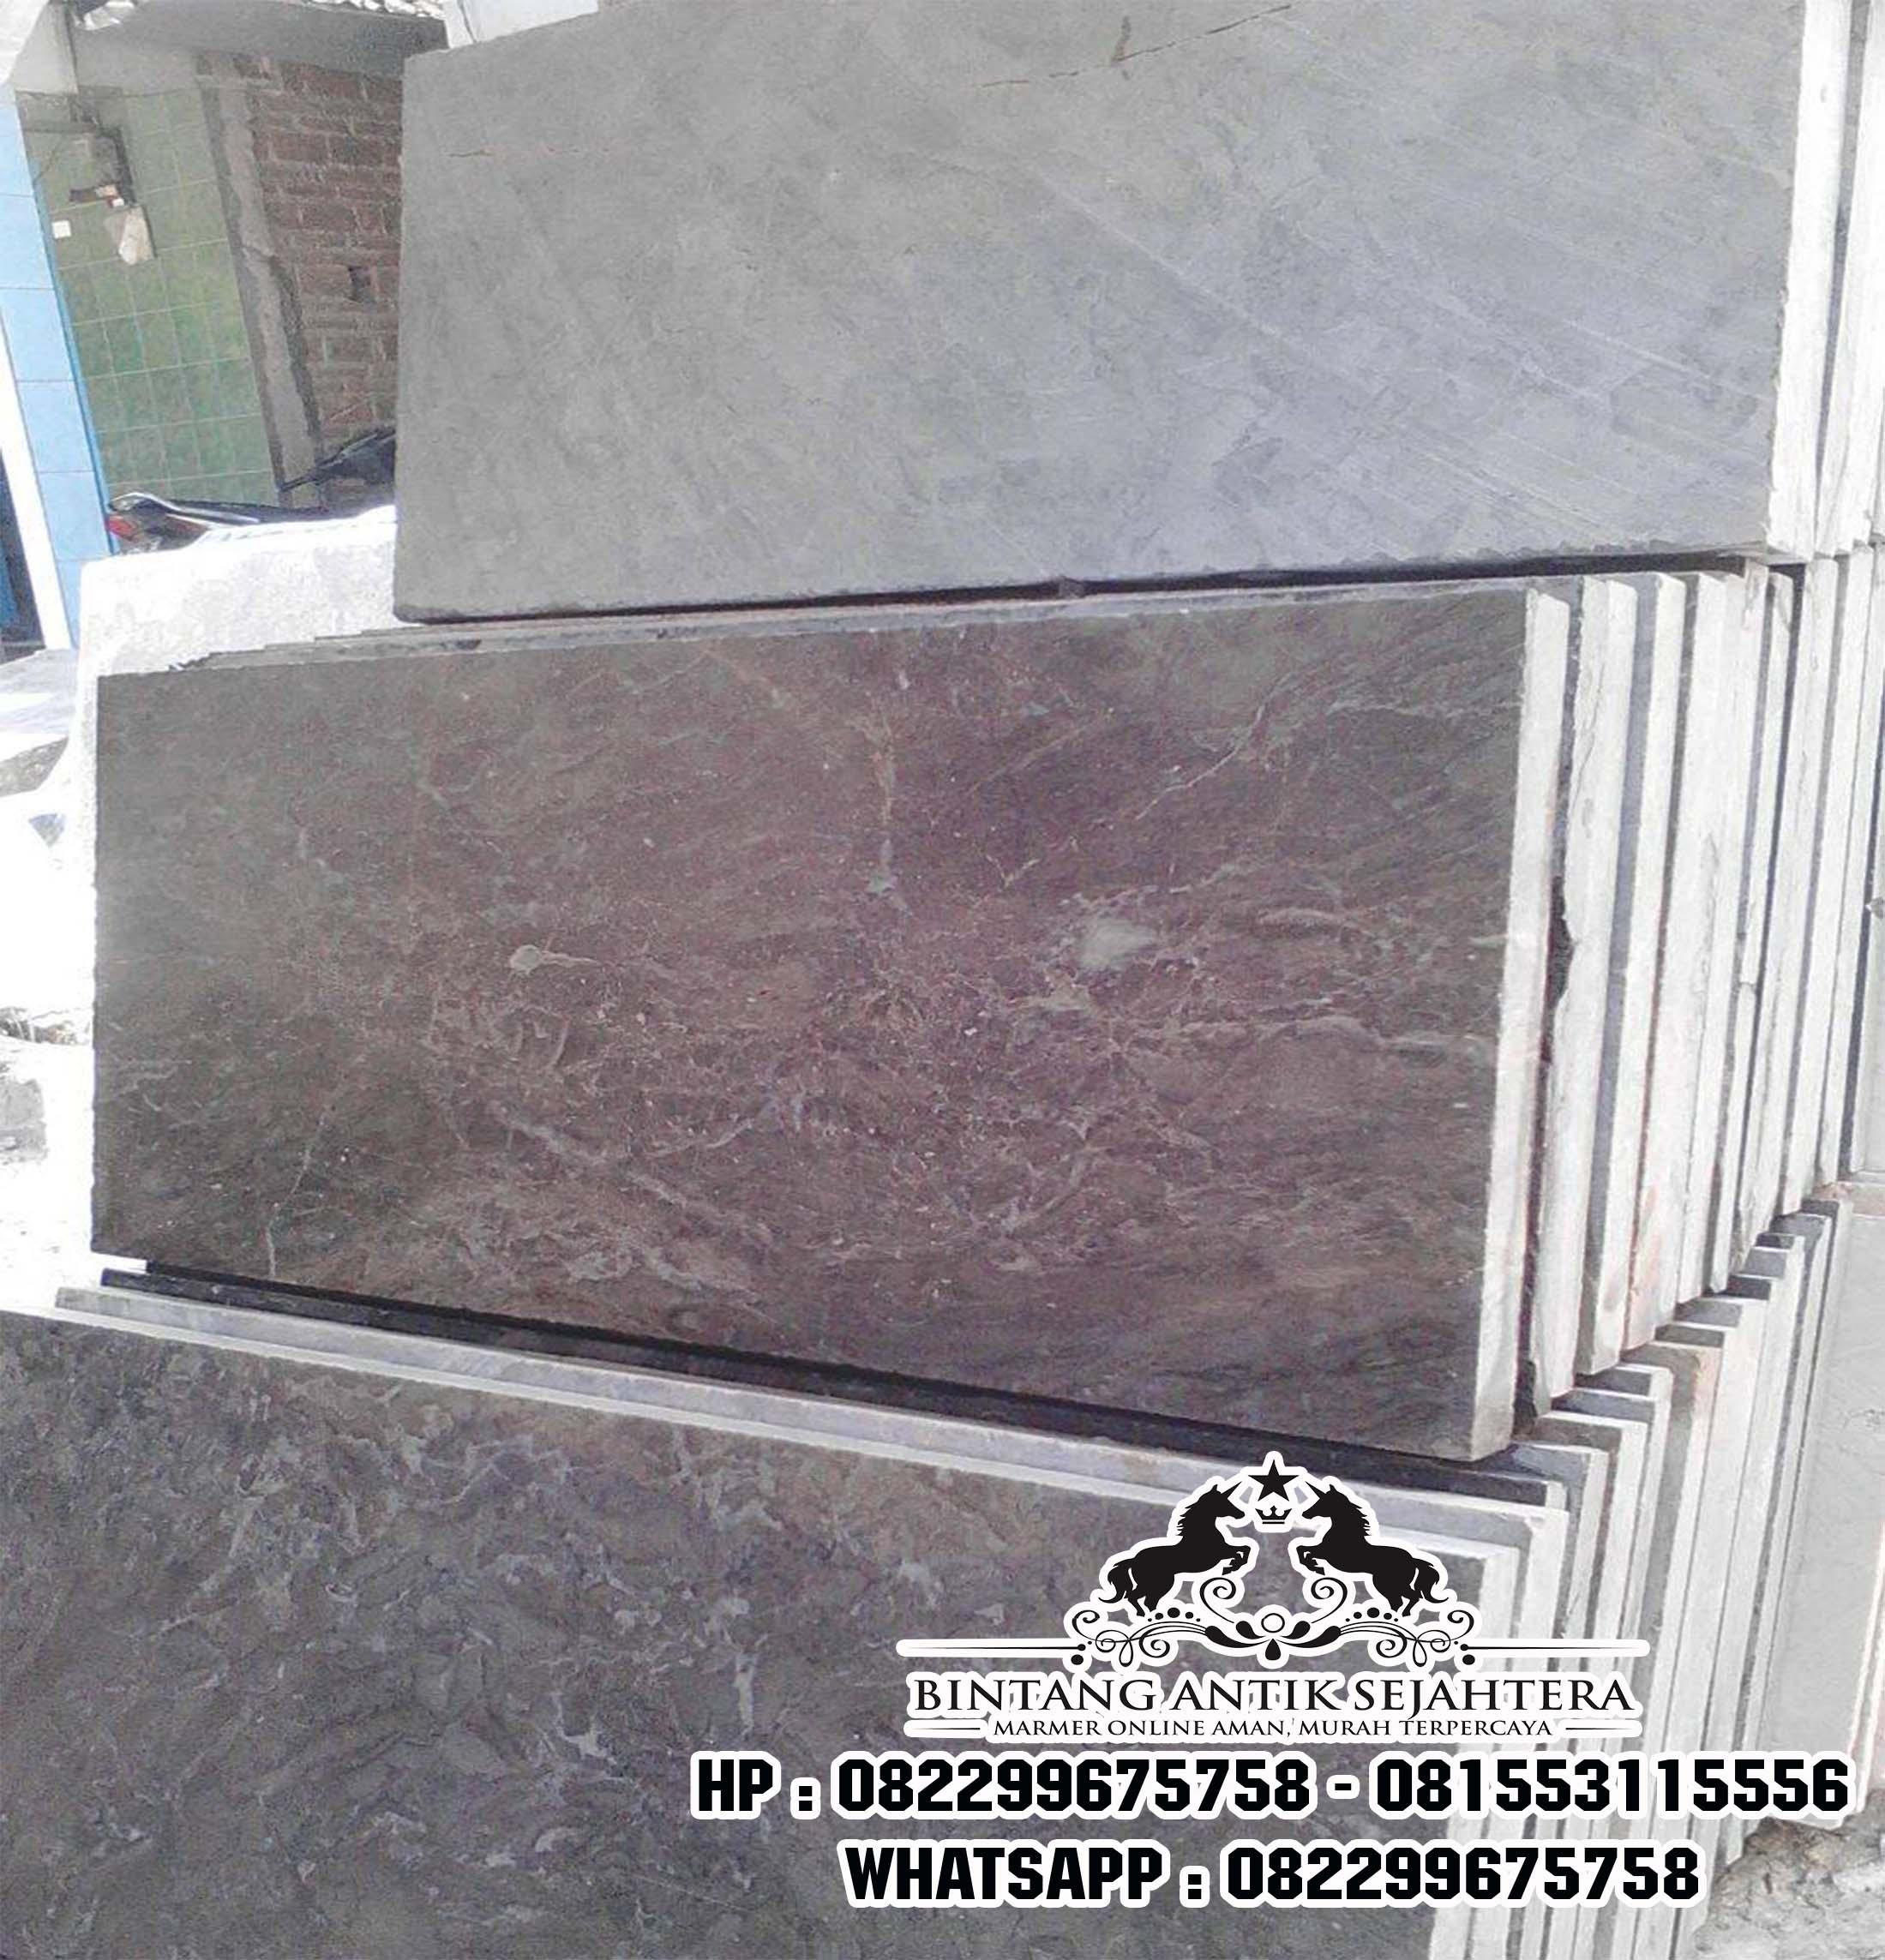 Harga Marmer Permeter-Harga Granit Terbaru-Marmer Permeter Januari 2018-Jual Marmer Permeter Termurah-Marmer Tulungagung Termurah